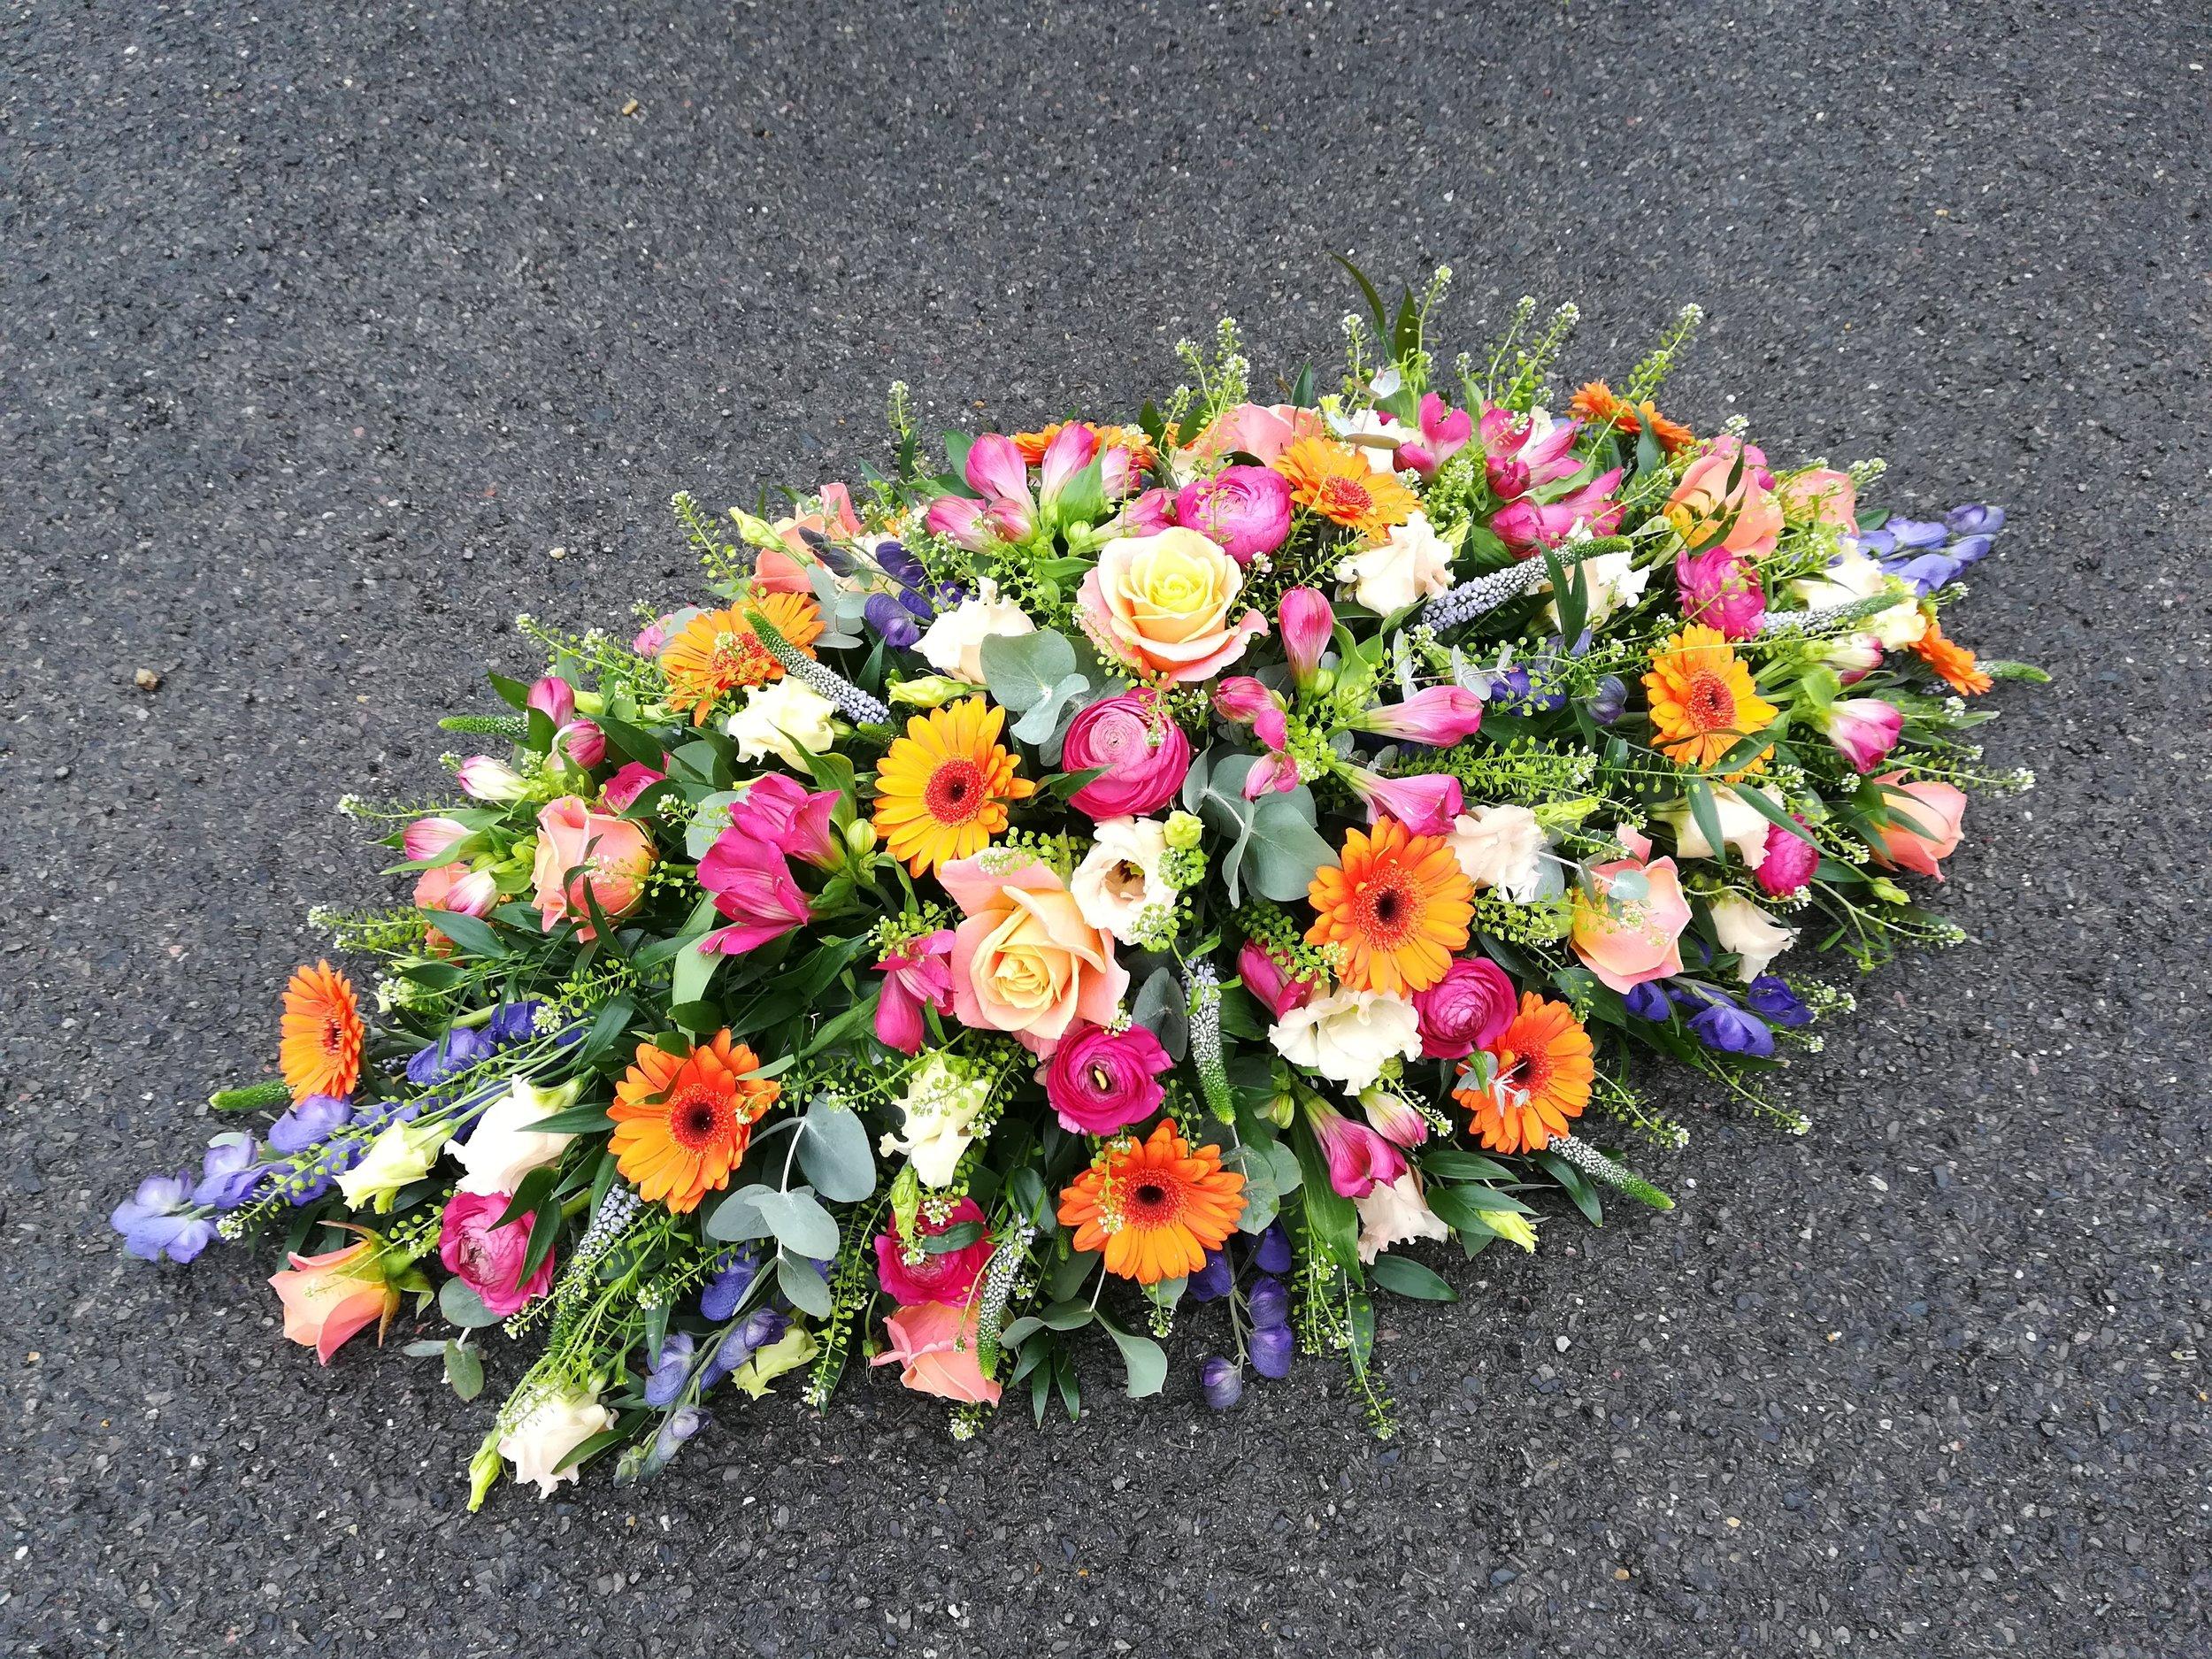 Vibrant Coffin Spray - Miss Piggy Roses.jpg